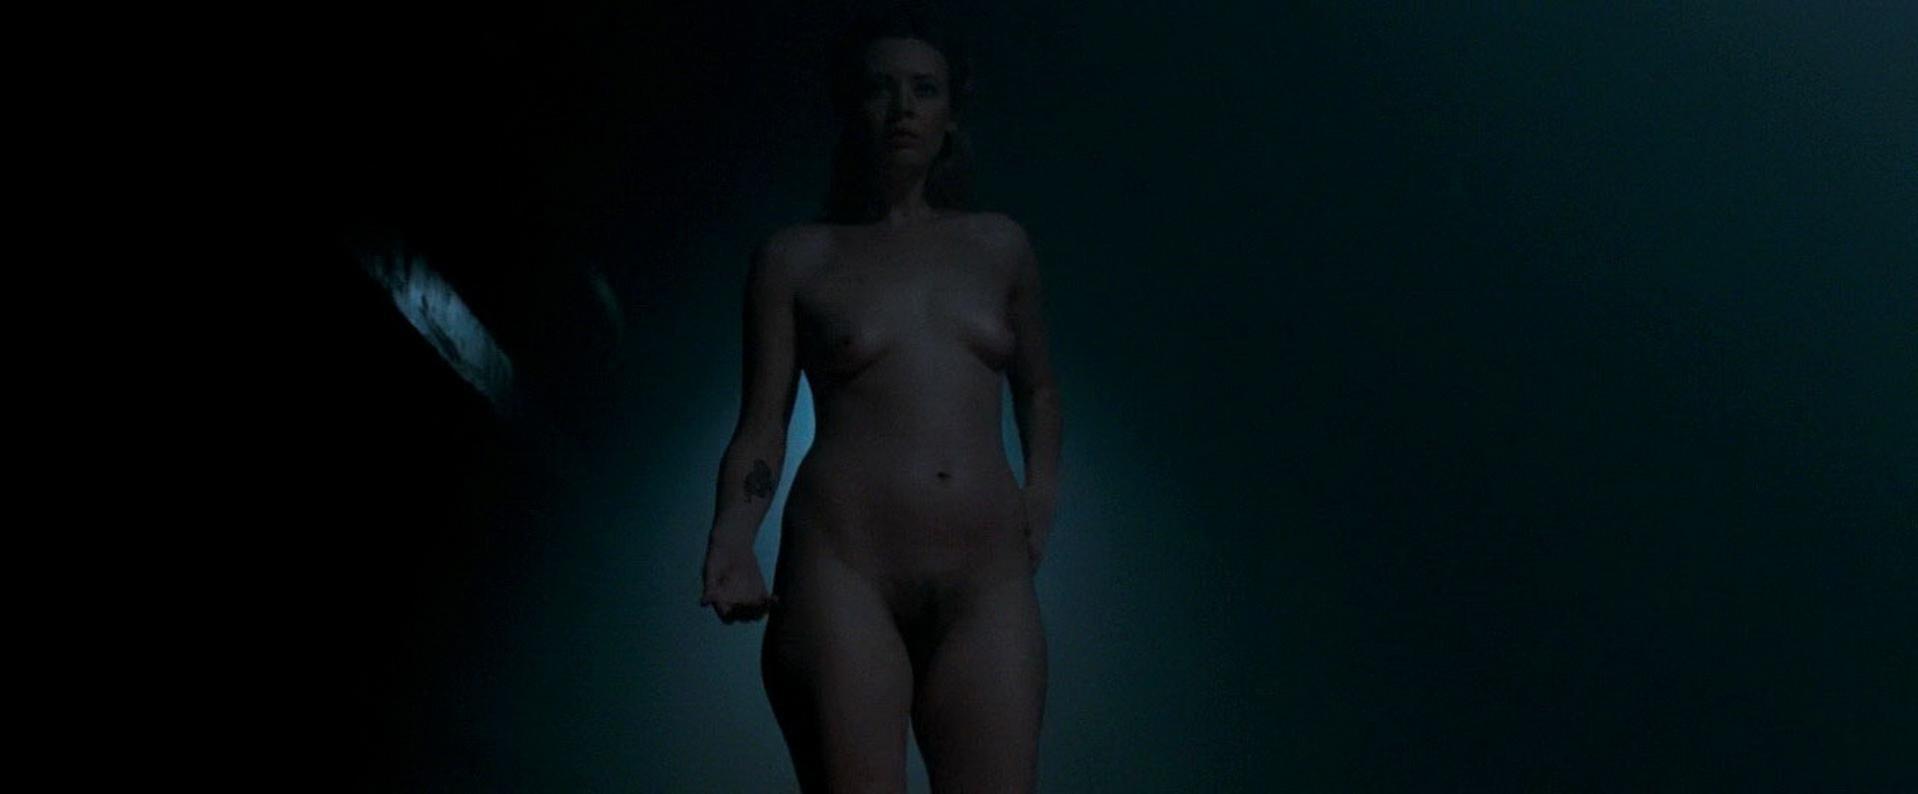 Lily Filson nude, Nicole LaLiberte nude - Fractured (2014)